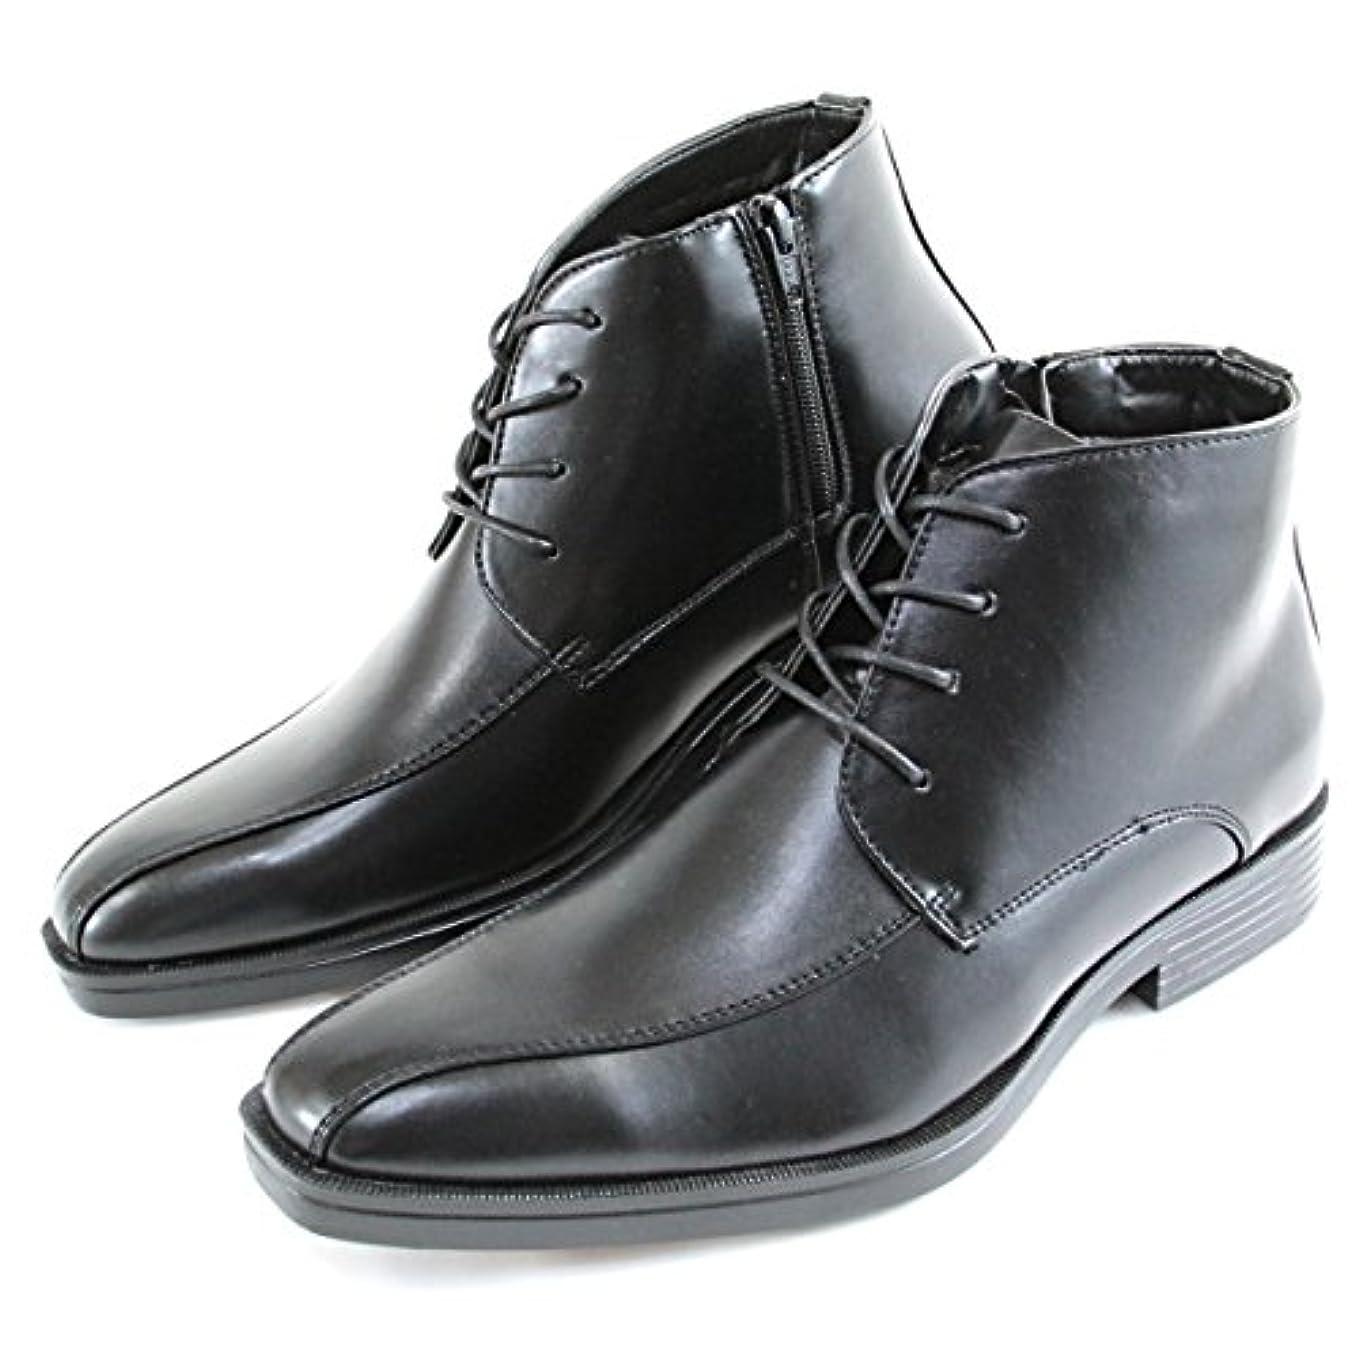 気がついて慈悲深い不倫ビジネスブーツ メンズ靴 -350- ビジネスシューズ サイドジップ スパイク 4e ツーシーム 黒 ブラック